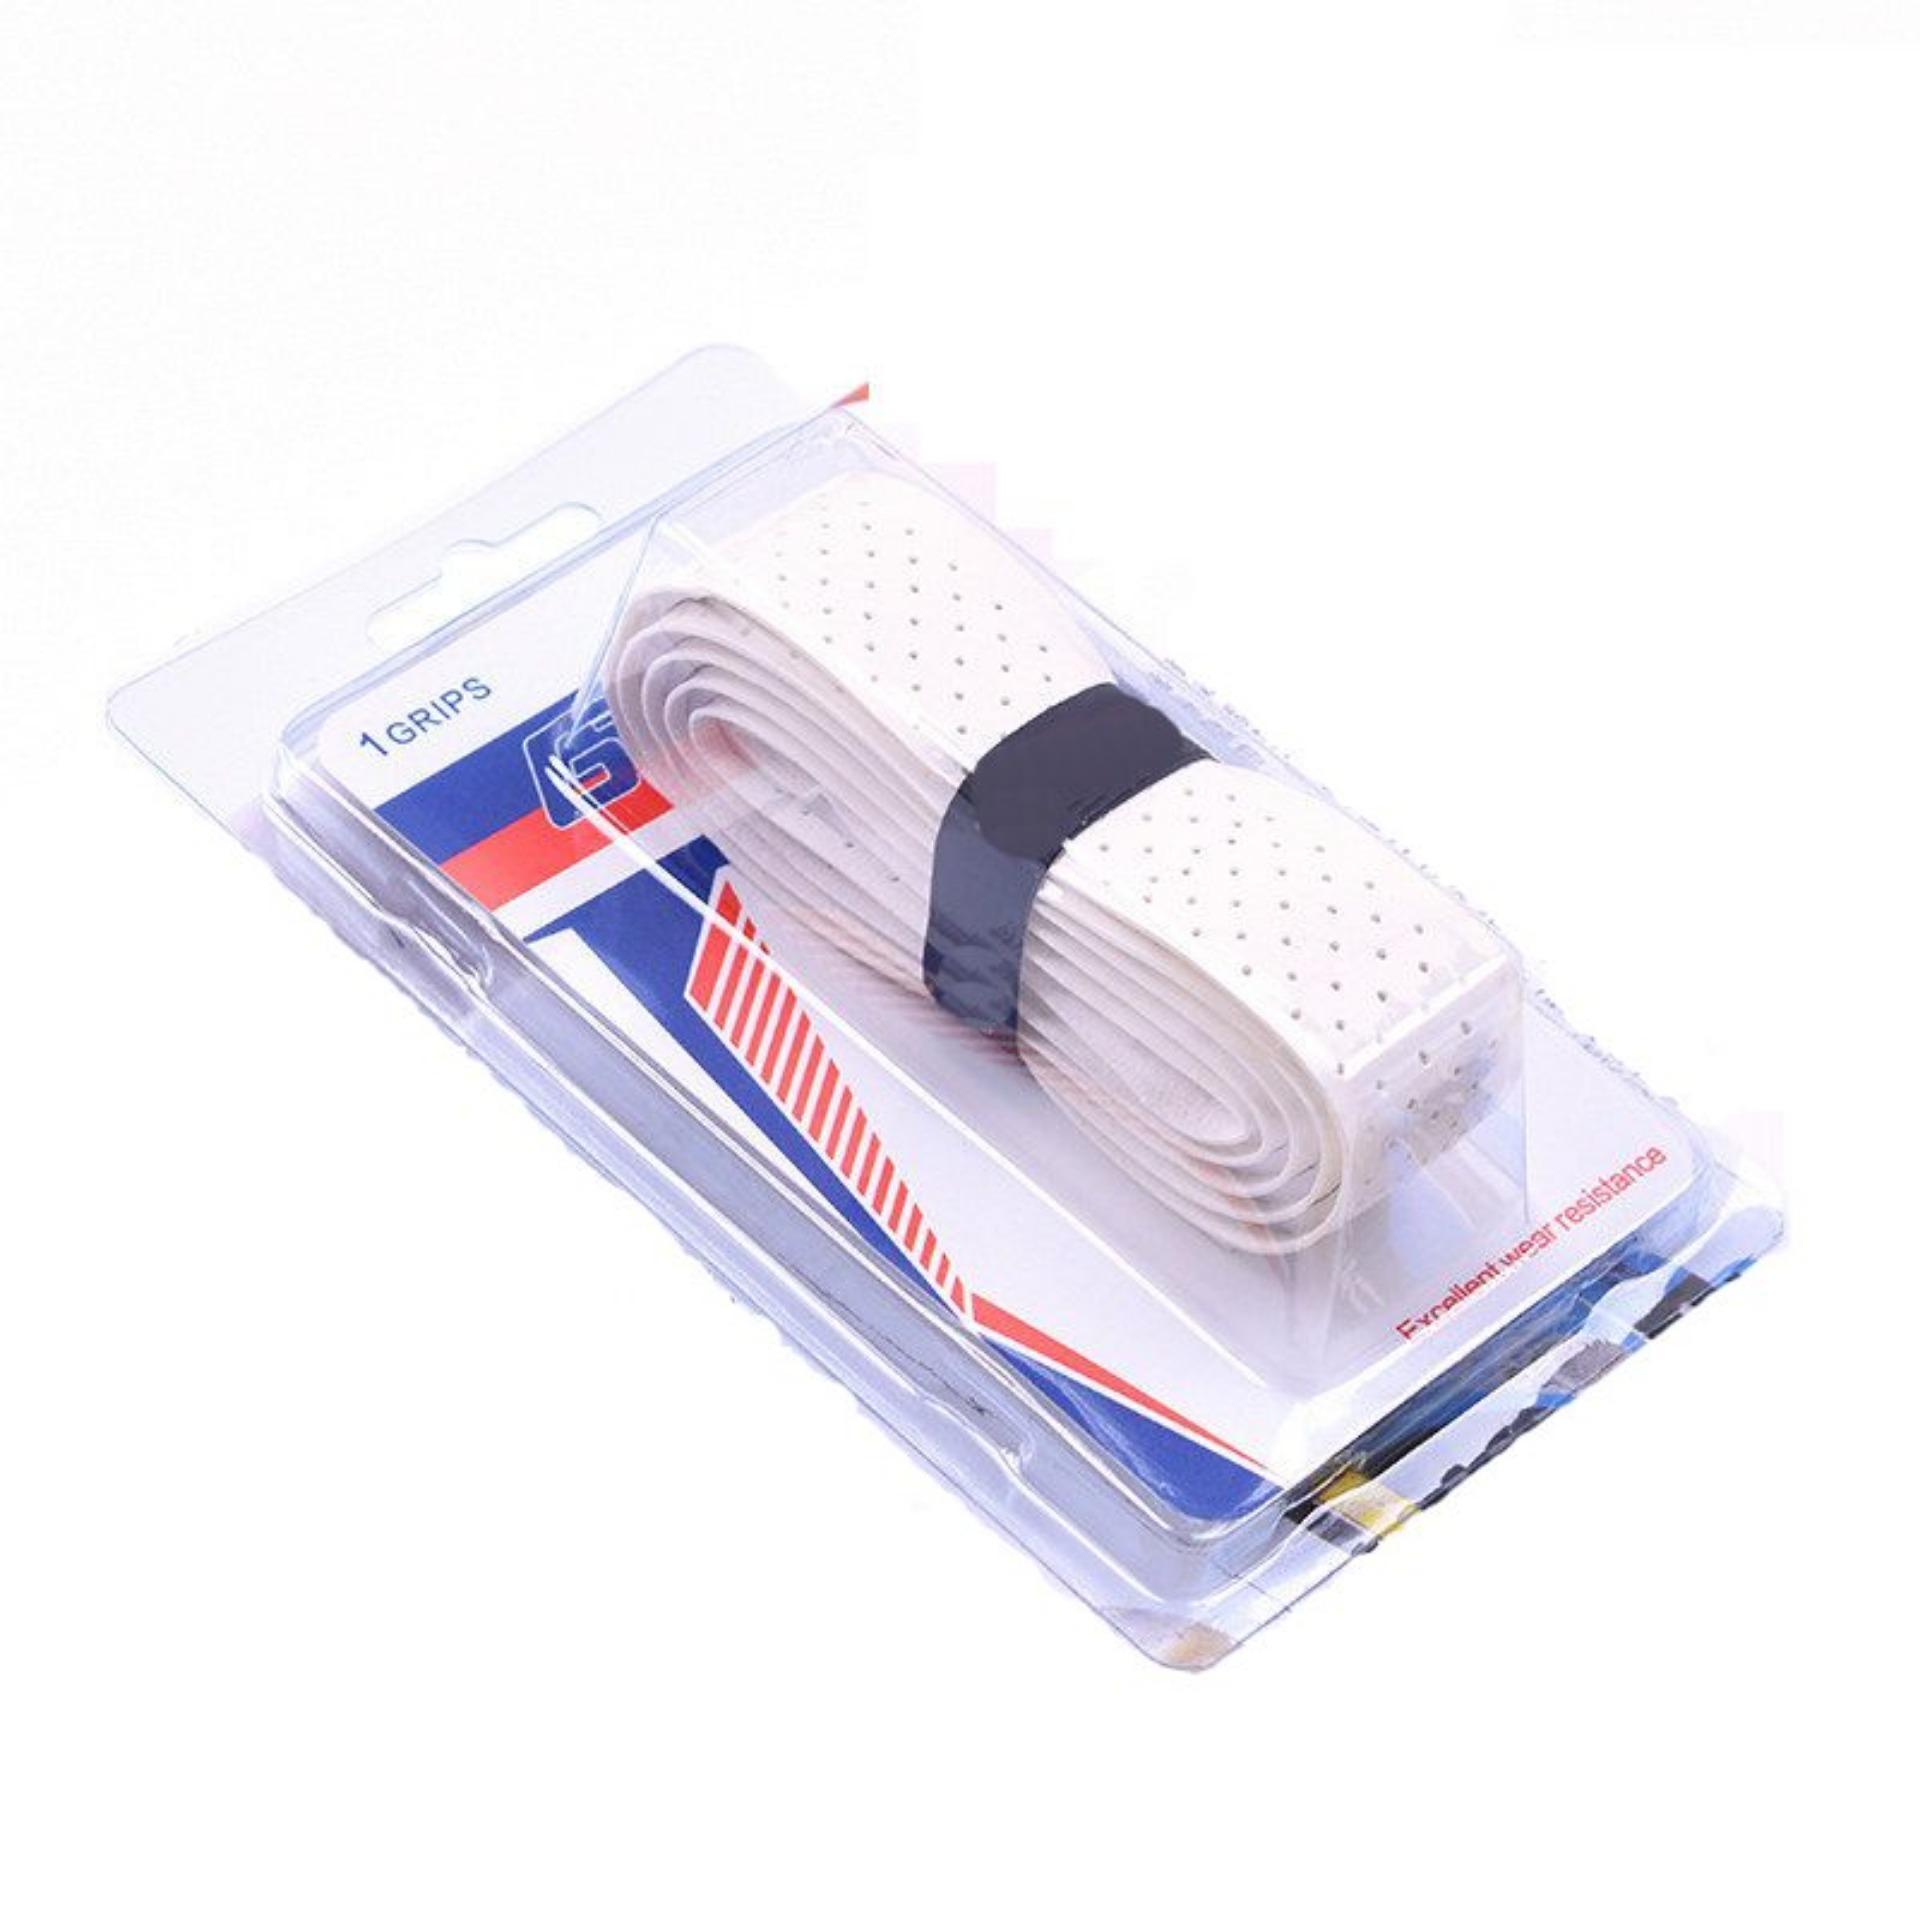 Quấn CỐT vợt tennis (1 cái), chất liệu da mềm mại, có lỗ thoáng khí cao cấp POPO Sports